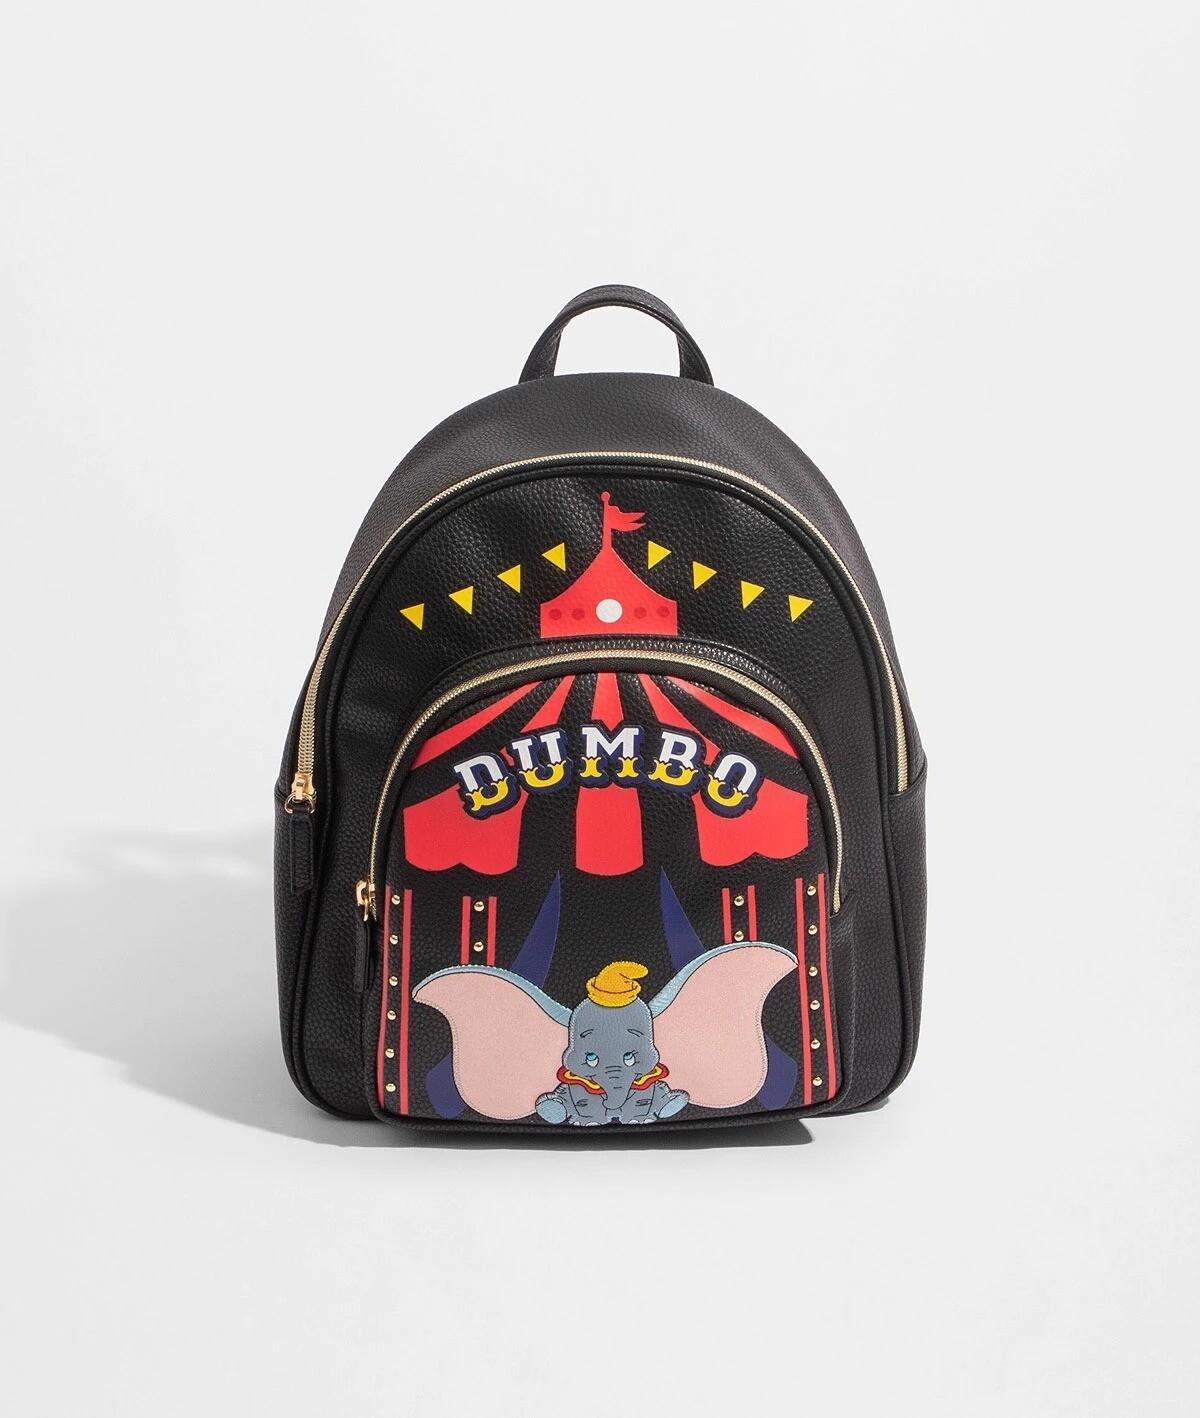 Bolsa Mochila Dumbo Exclusiva